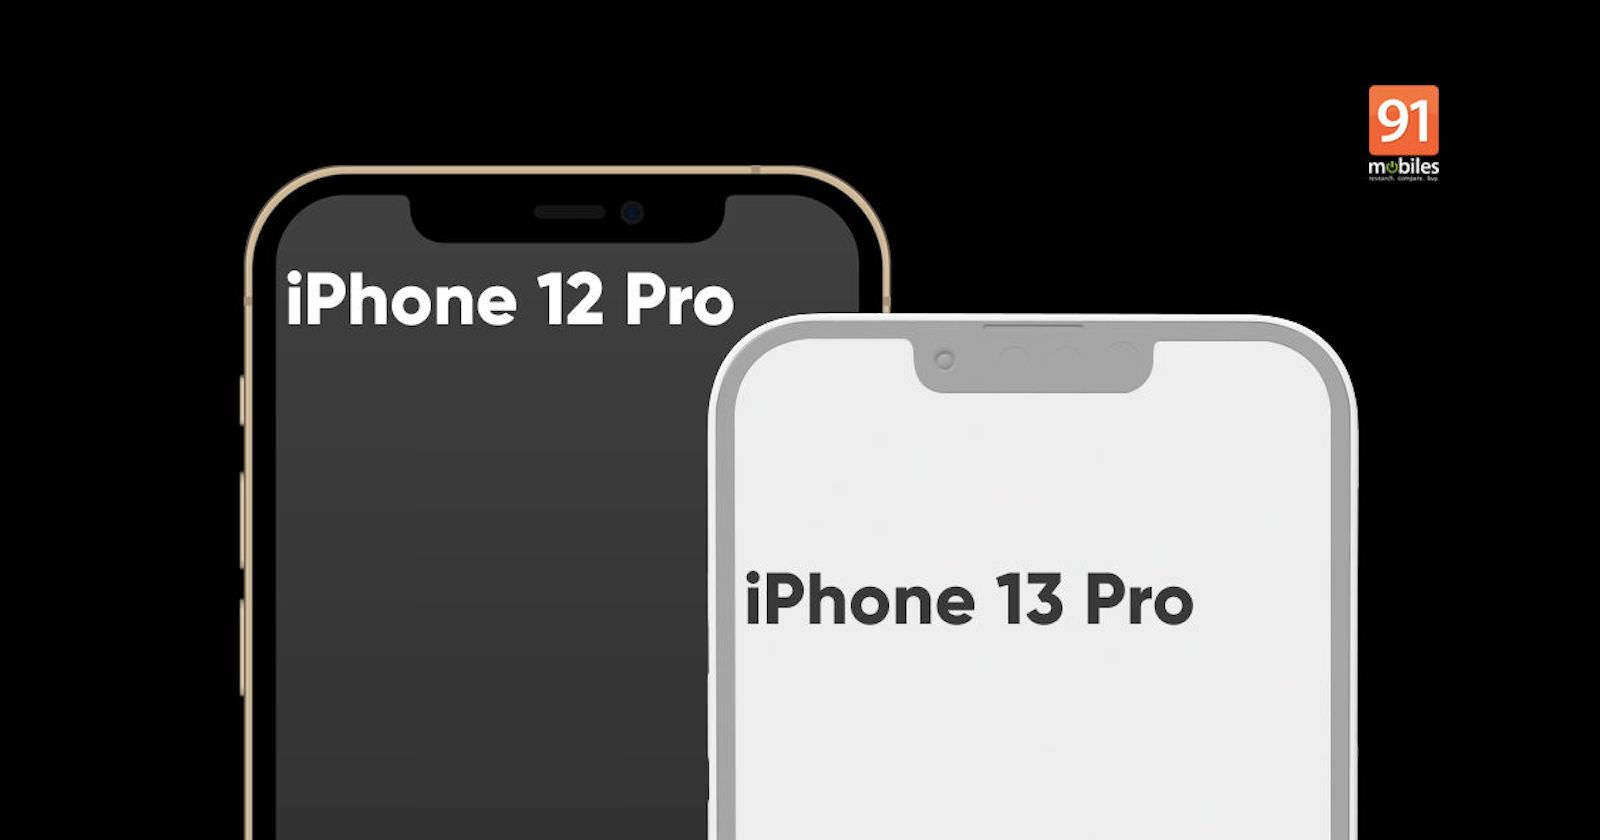 Iphone 13 pro notch comparison